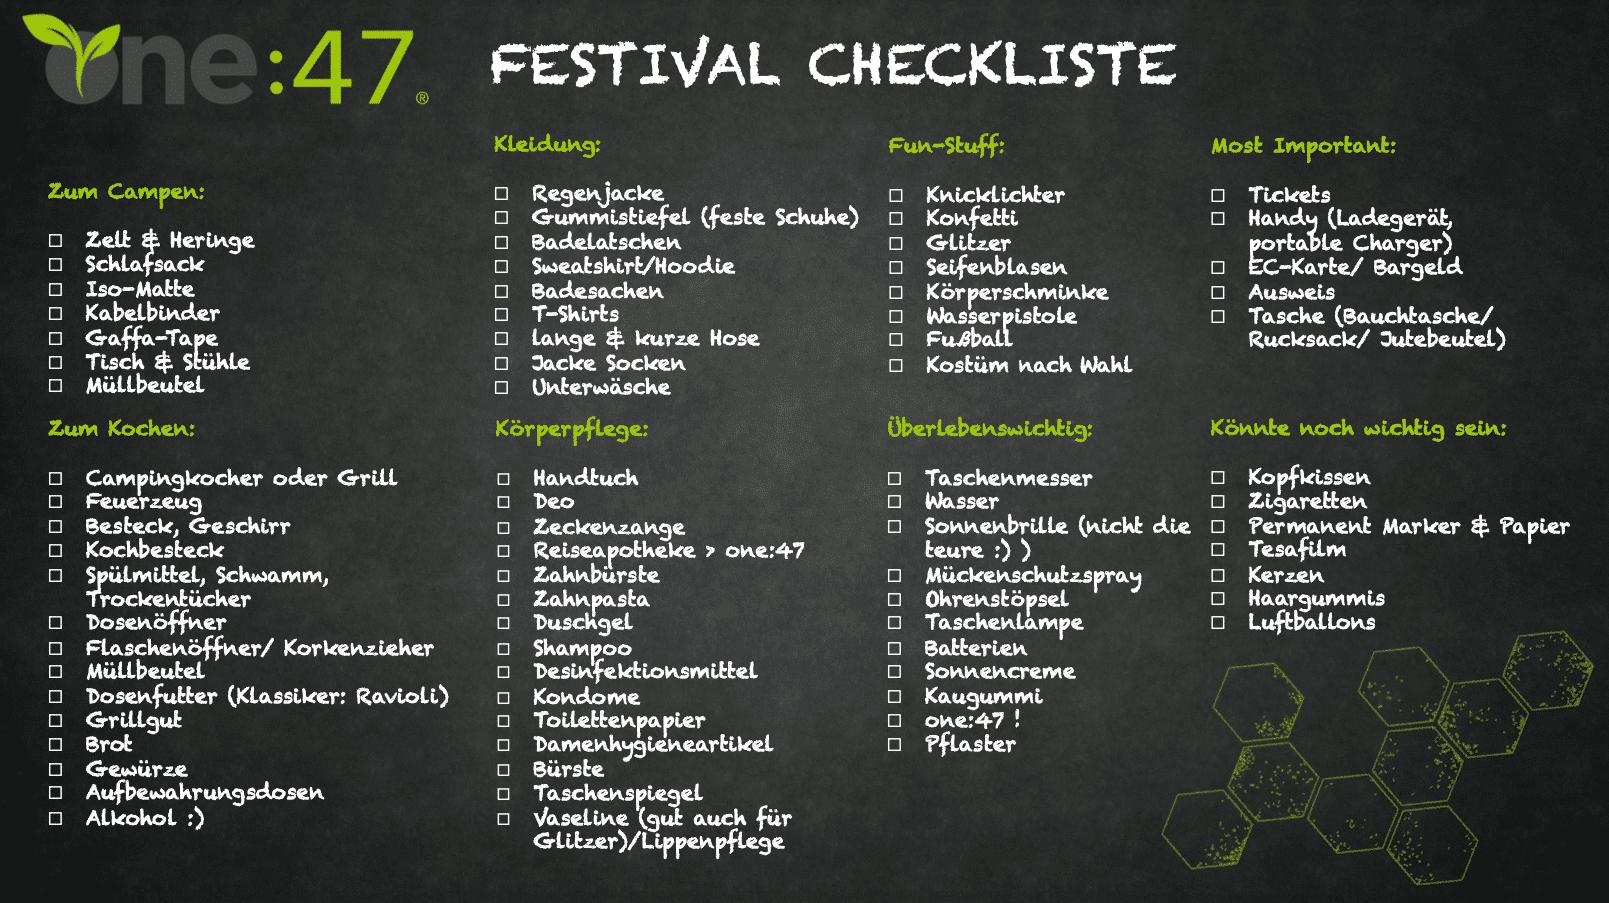 Checkliste Festival wichtig Regen Matsch Sonne Schlamm